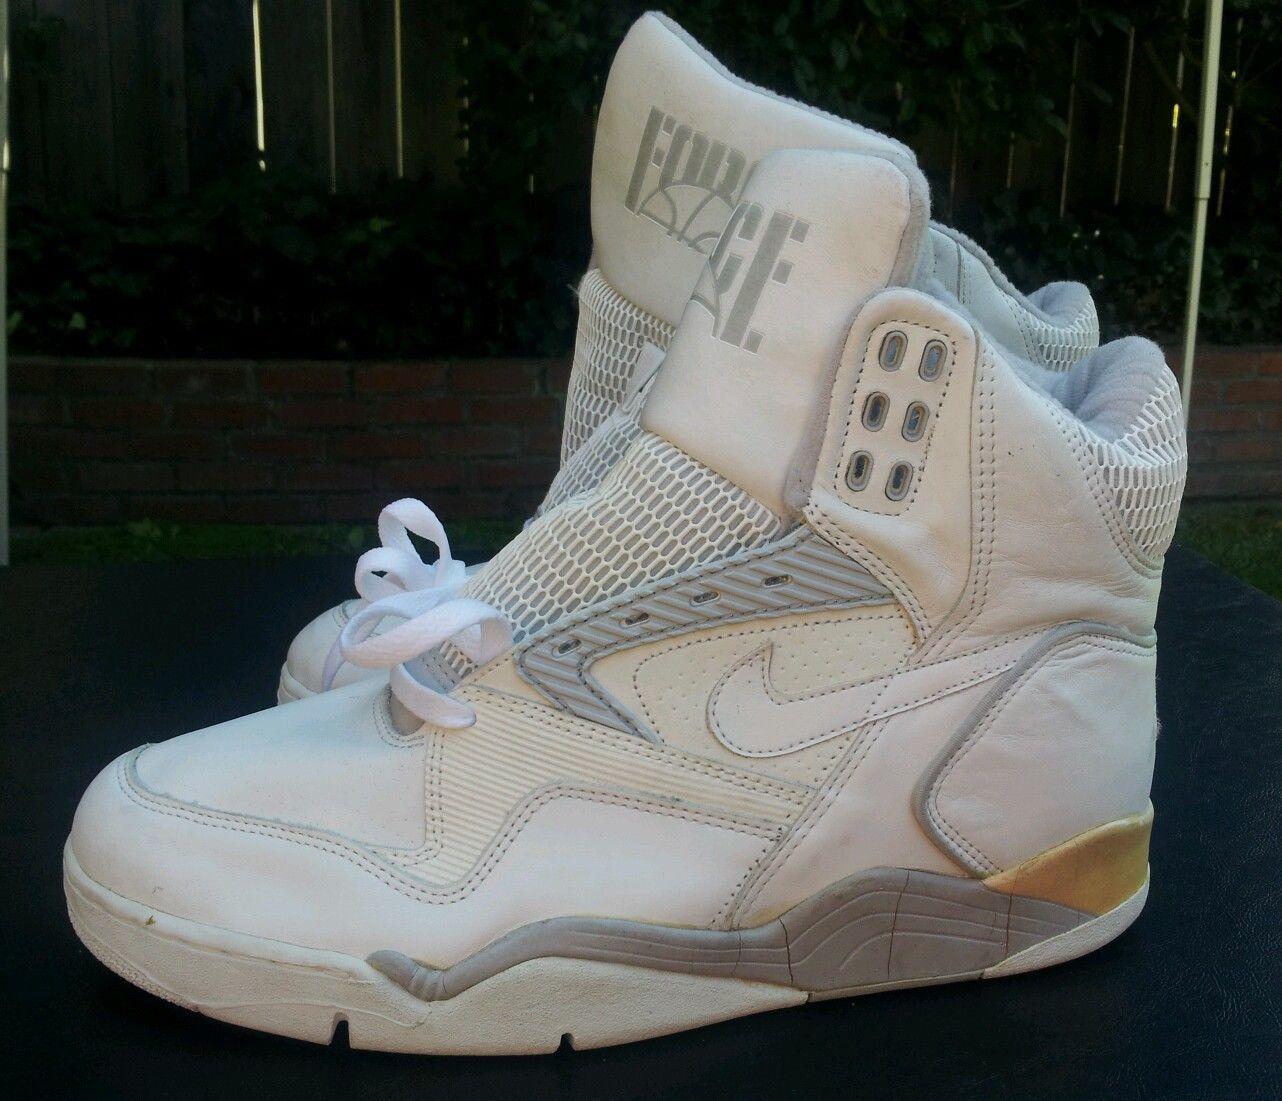 air tennis shoes nike high basketball shoes